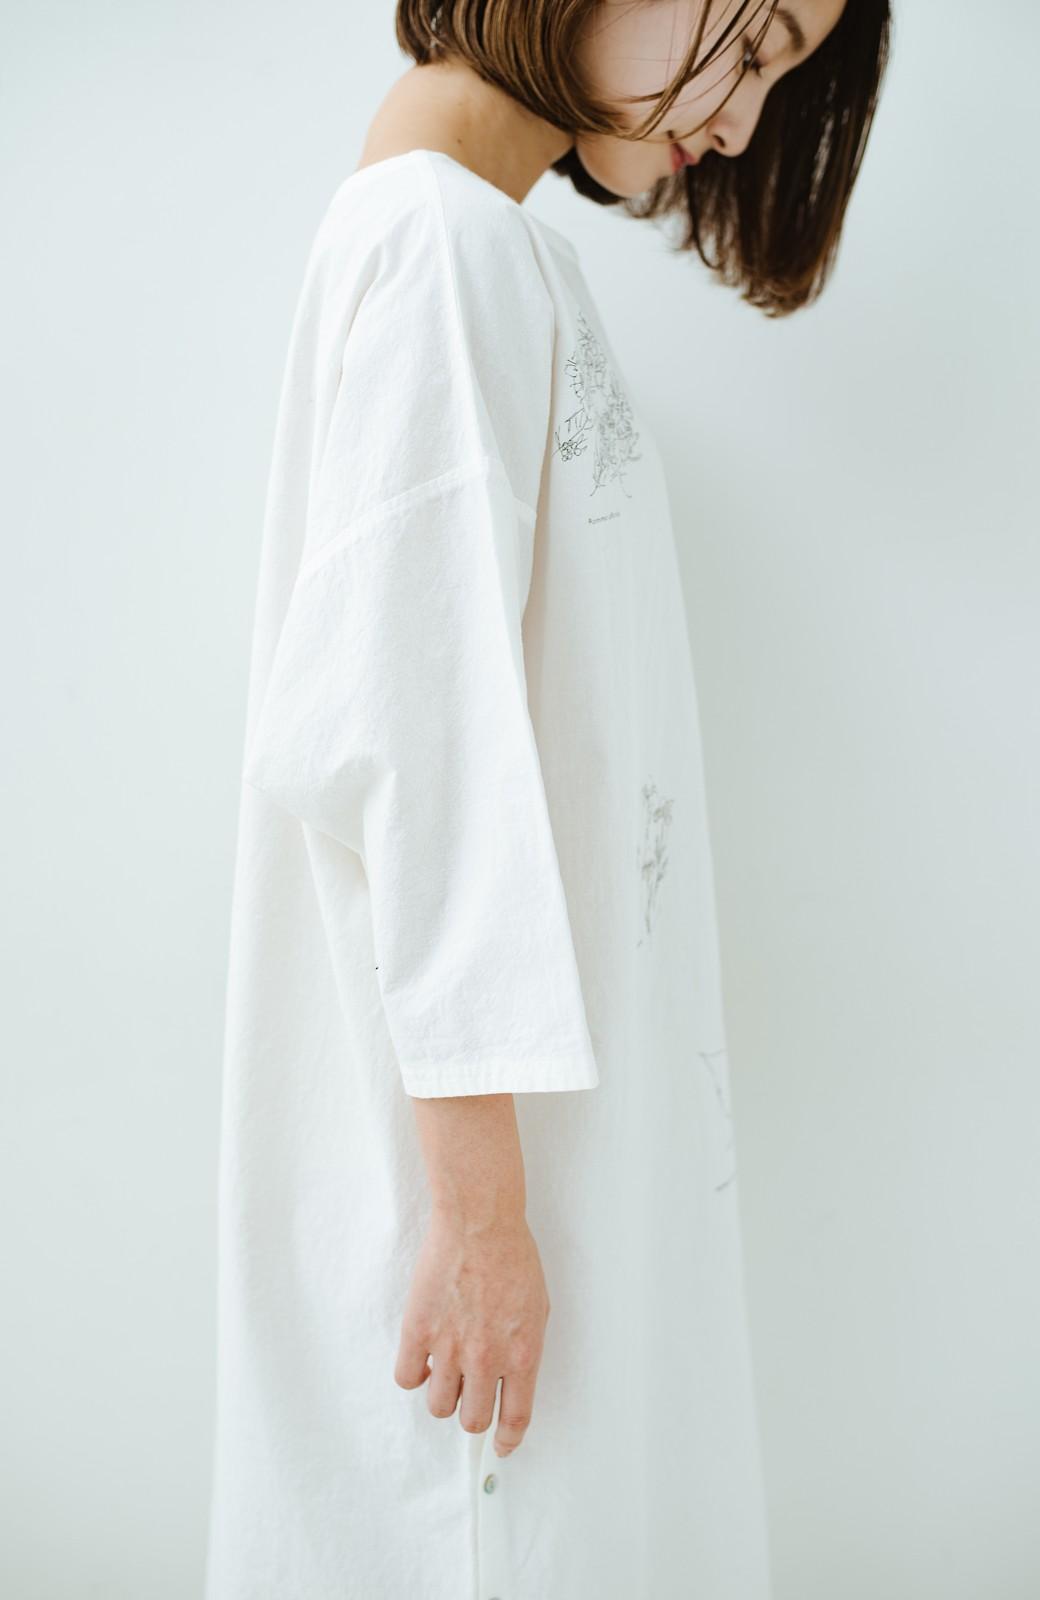 haco! てとひとて Miho Umezawa ガーデンハーブドルマンチュニック <オフホワイト>の商品写真4